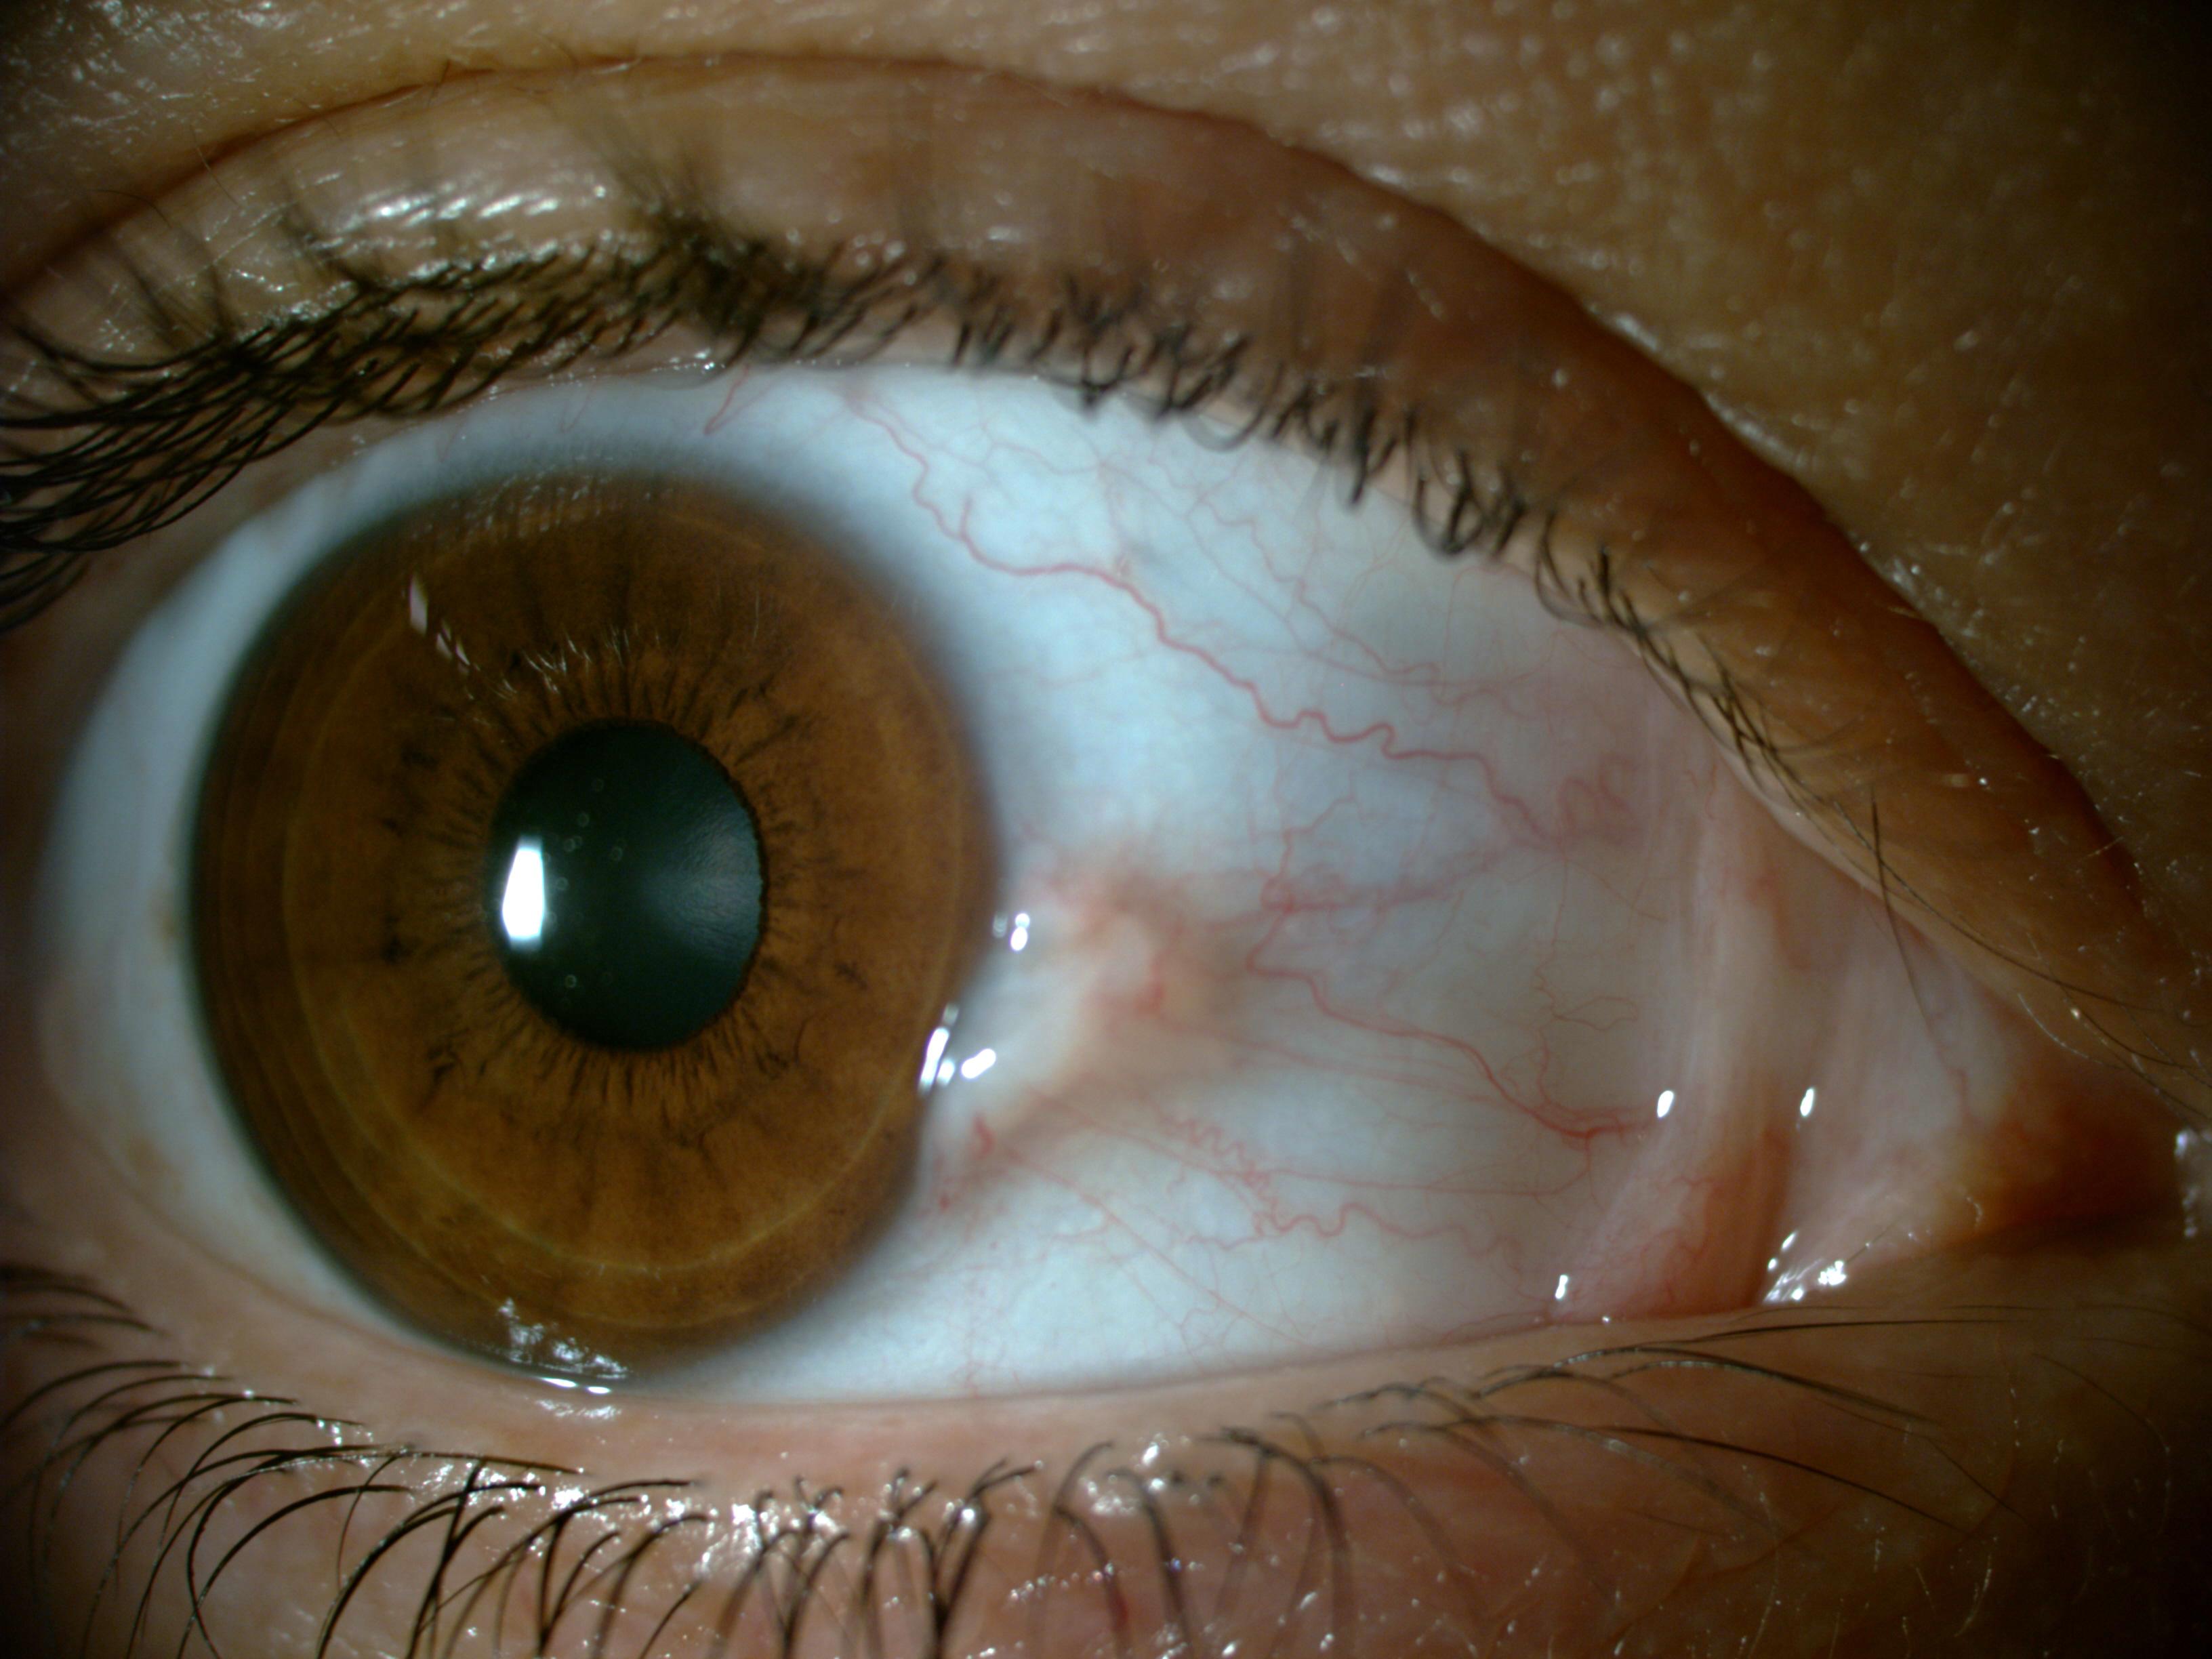 Göz Kanlanmasına Ne İyi Gelir: Göz Kanlanması İçin Doğal Çözümler